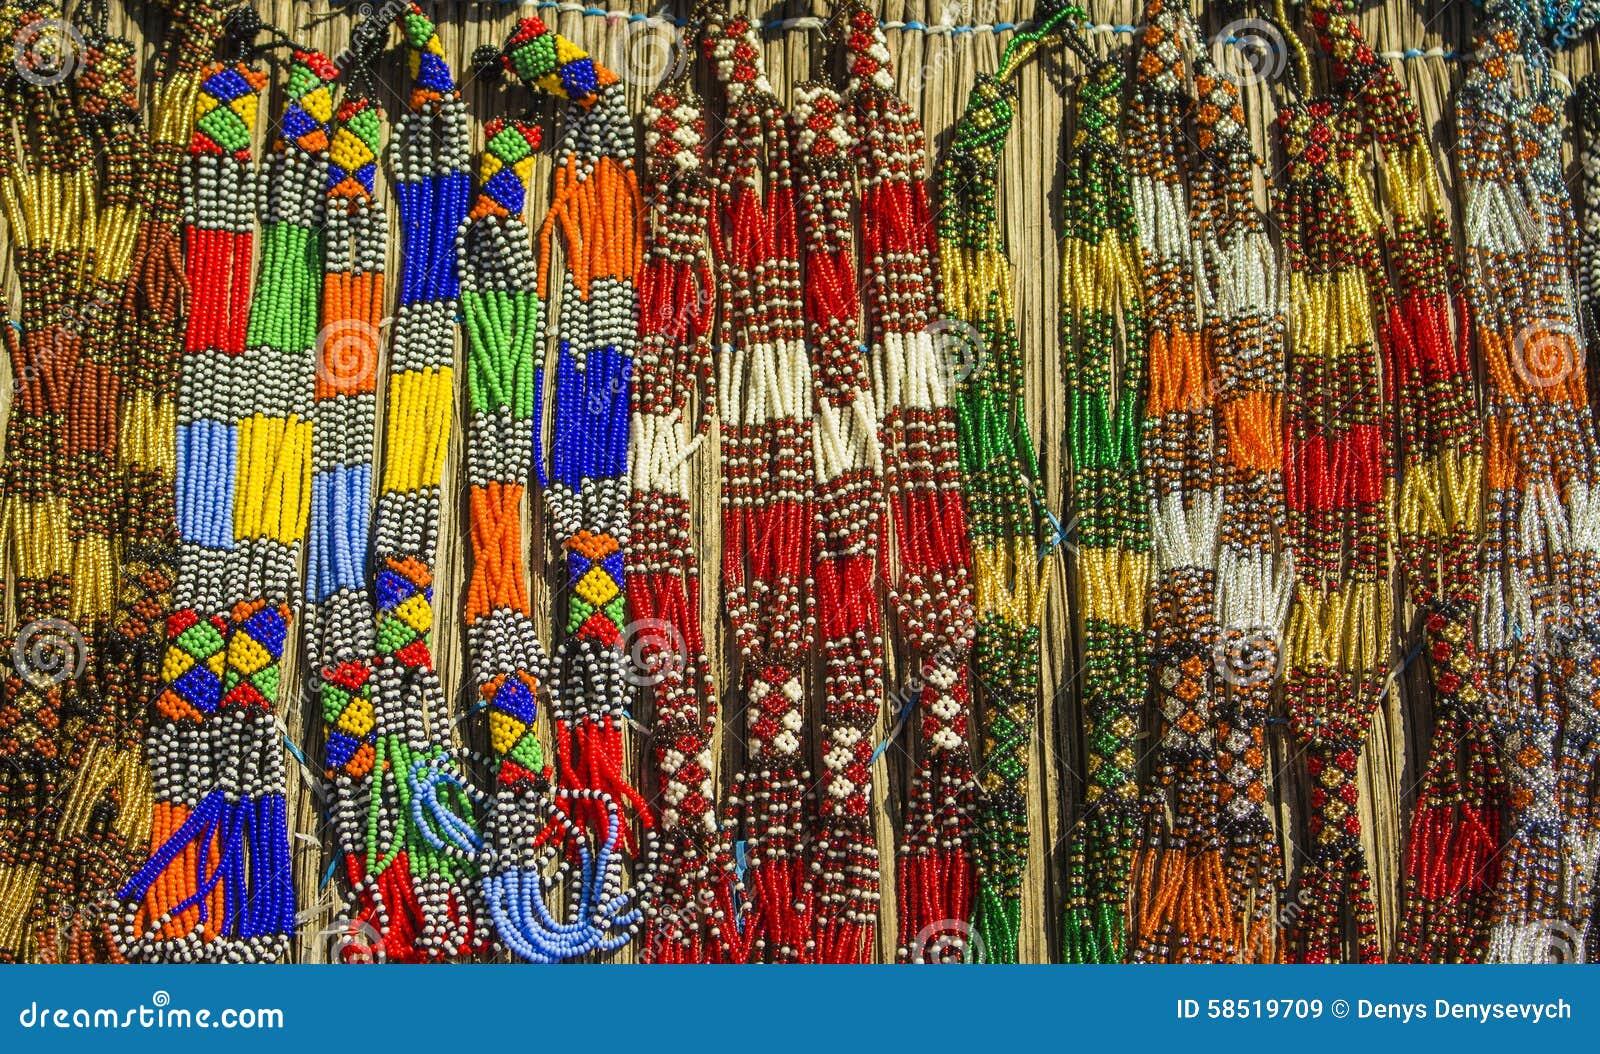 collier perle afrique du sud